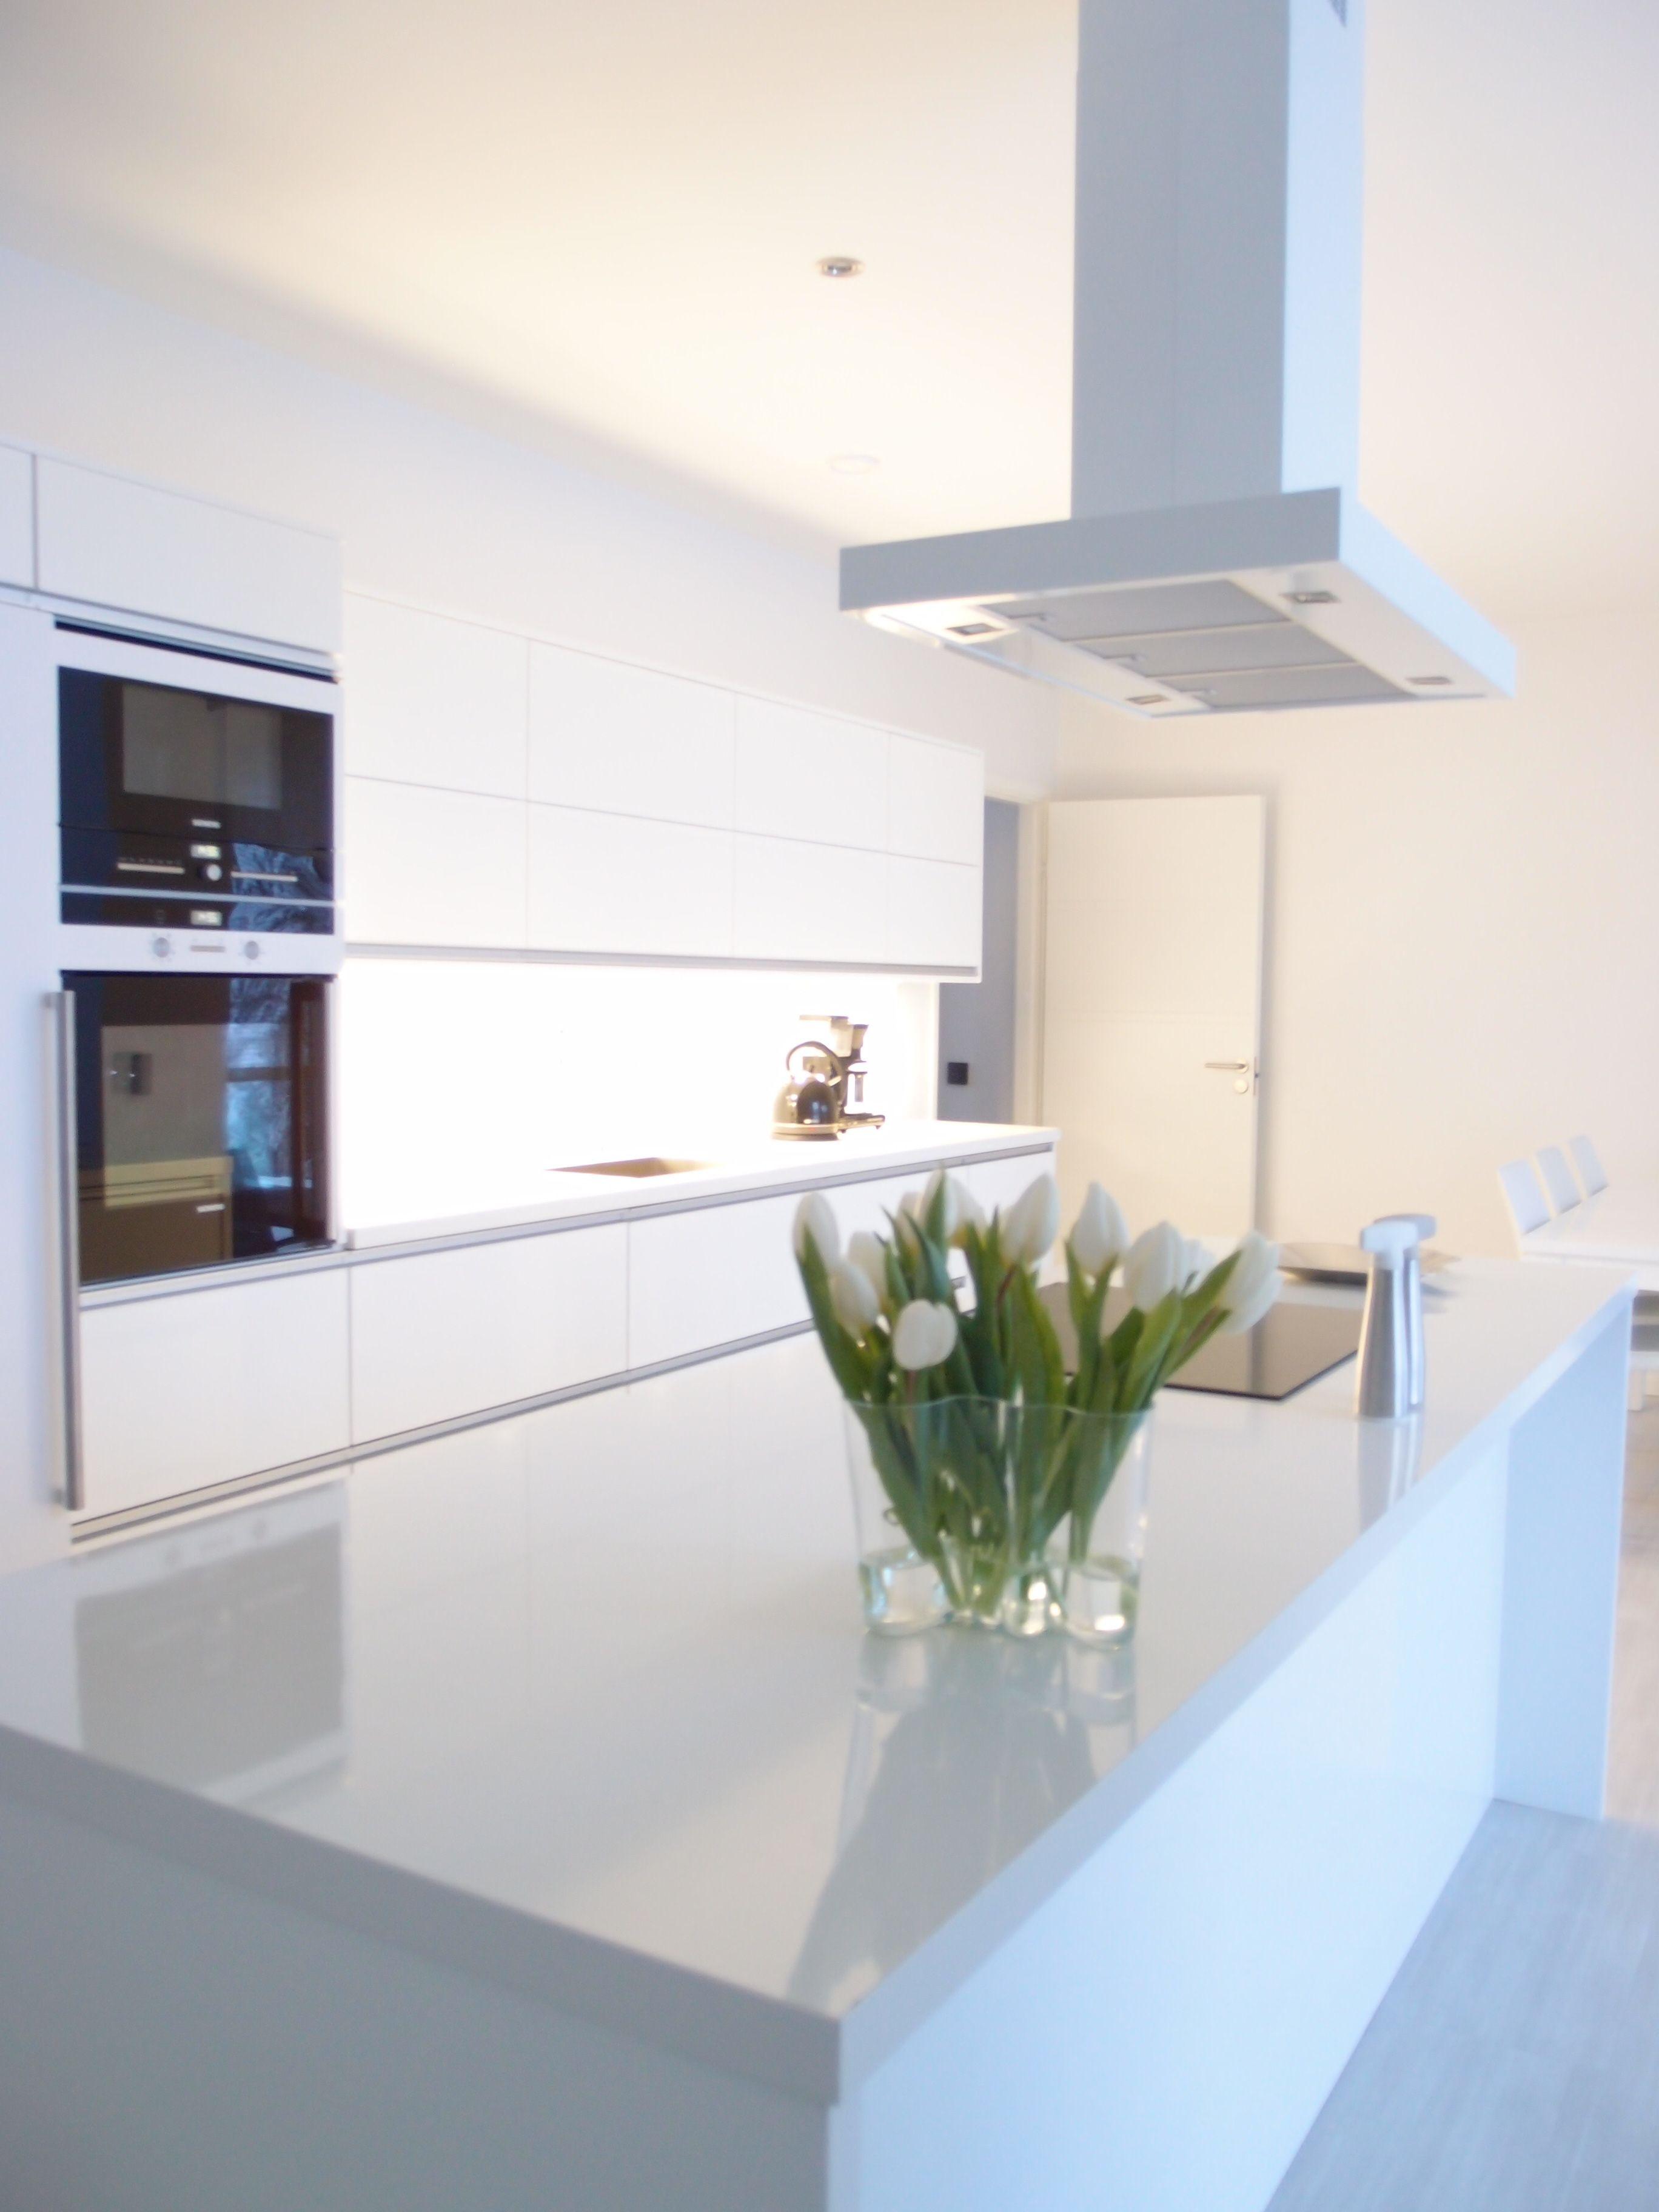 Modernia kiiltävää ja valkoista. Tämän keittiön minimalistinen ilme soveltuu hyvin avokeittiöön.